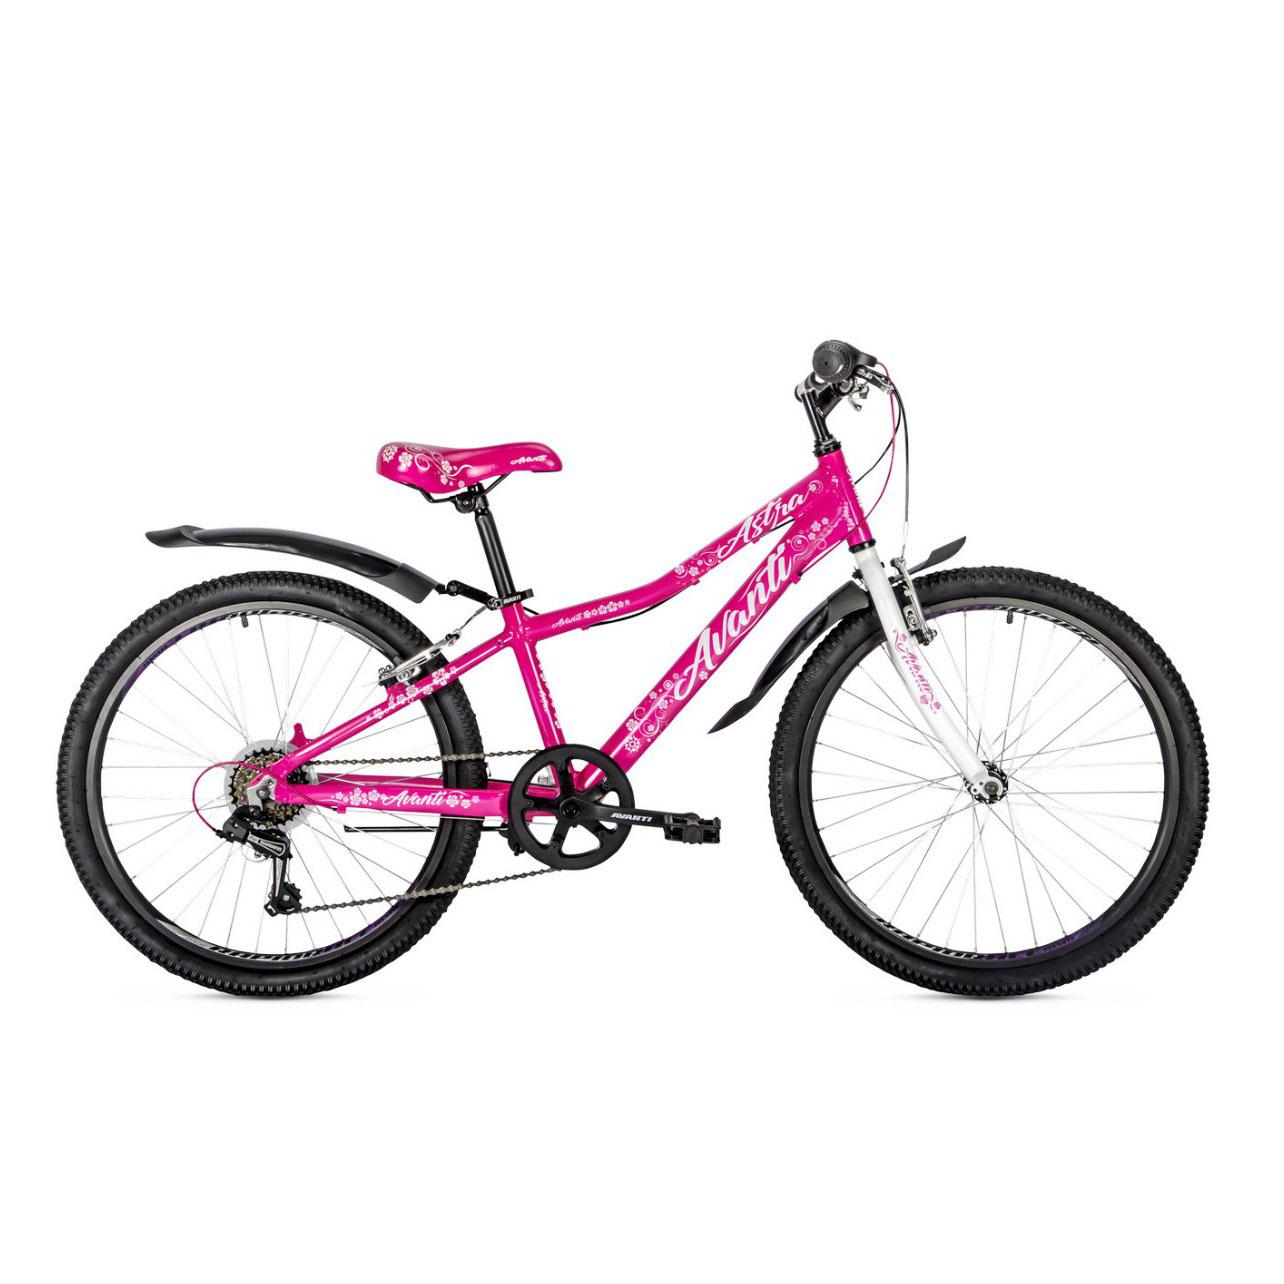 Фото Подростковый Велосипед 24 Avanti Jasmine 2018 розовый